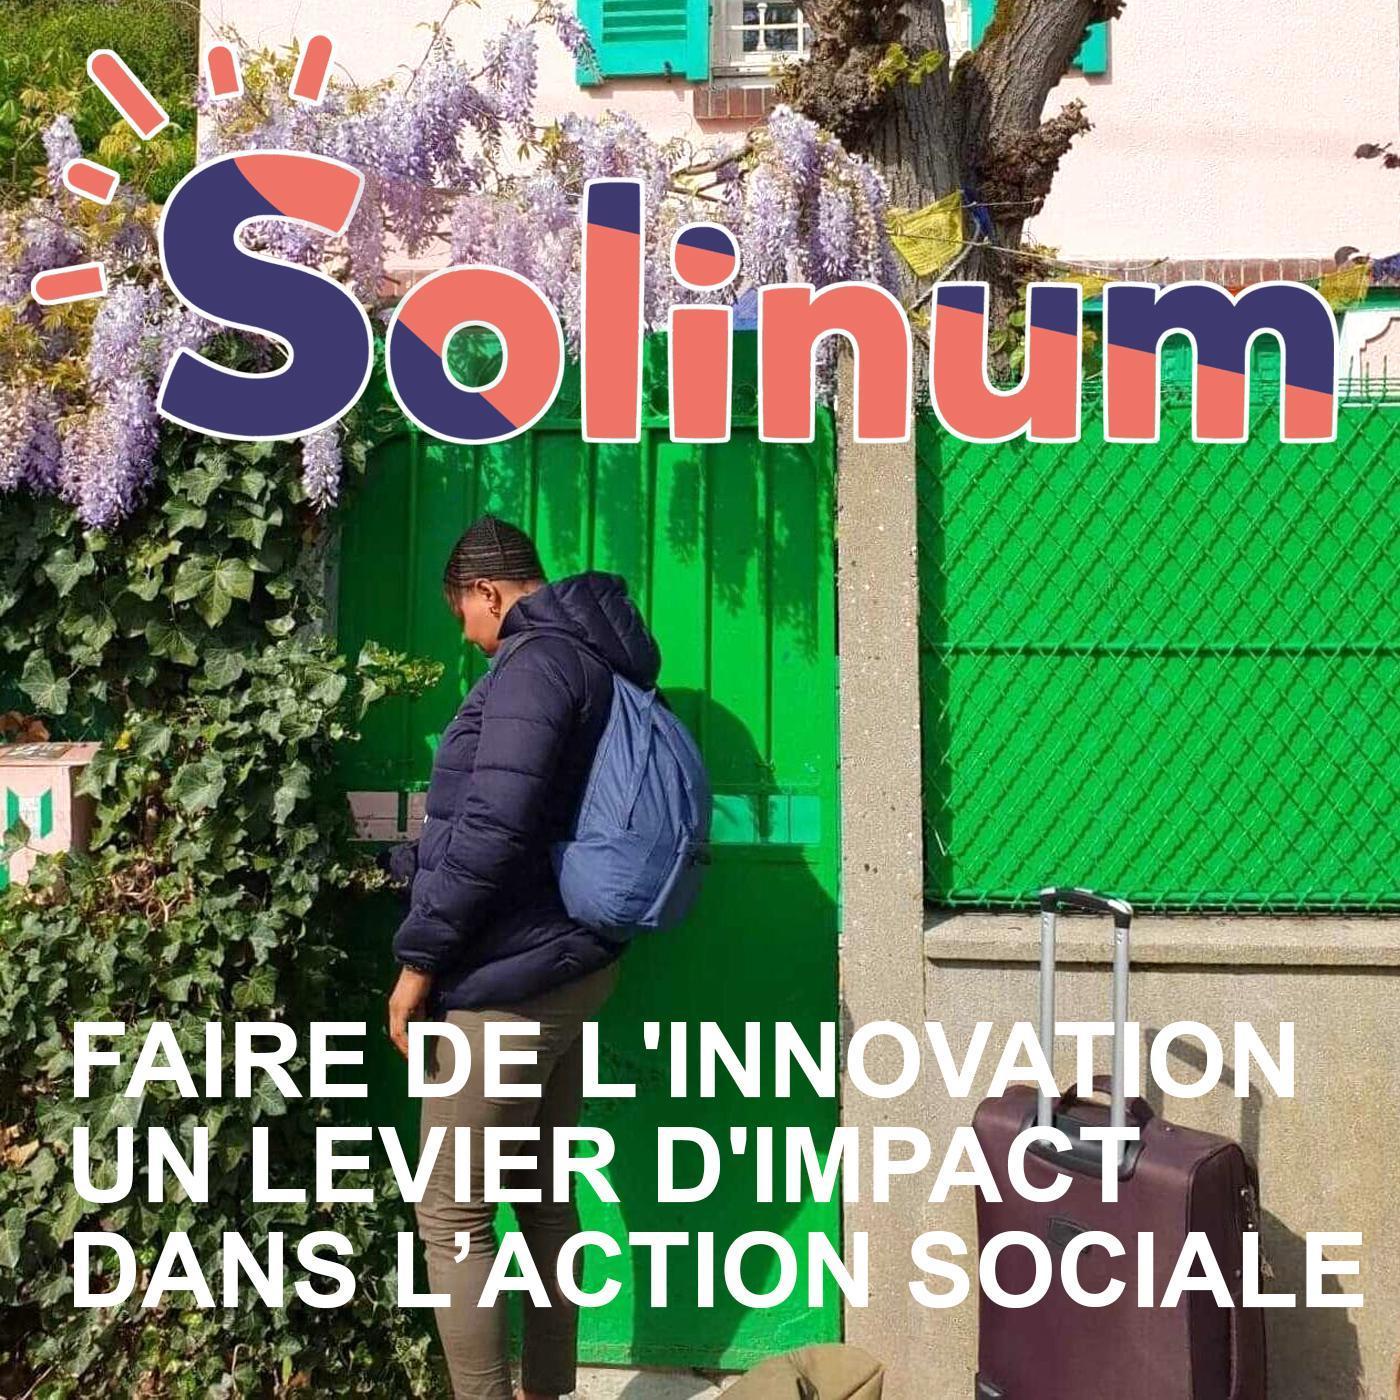 Carte postale radio [2021] : Solinum, innover ensemble pour lutter contre la pauvreté